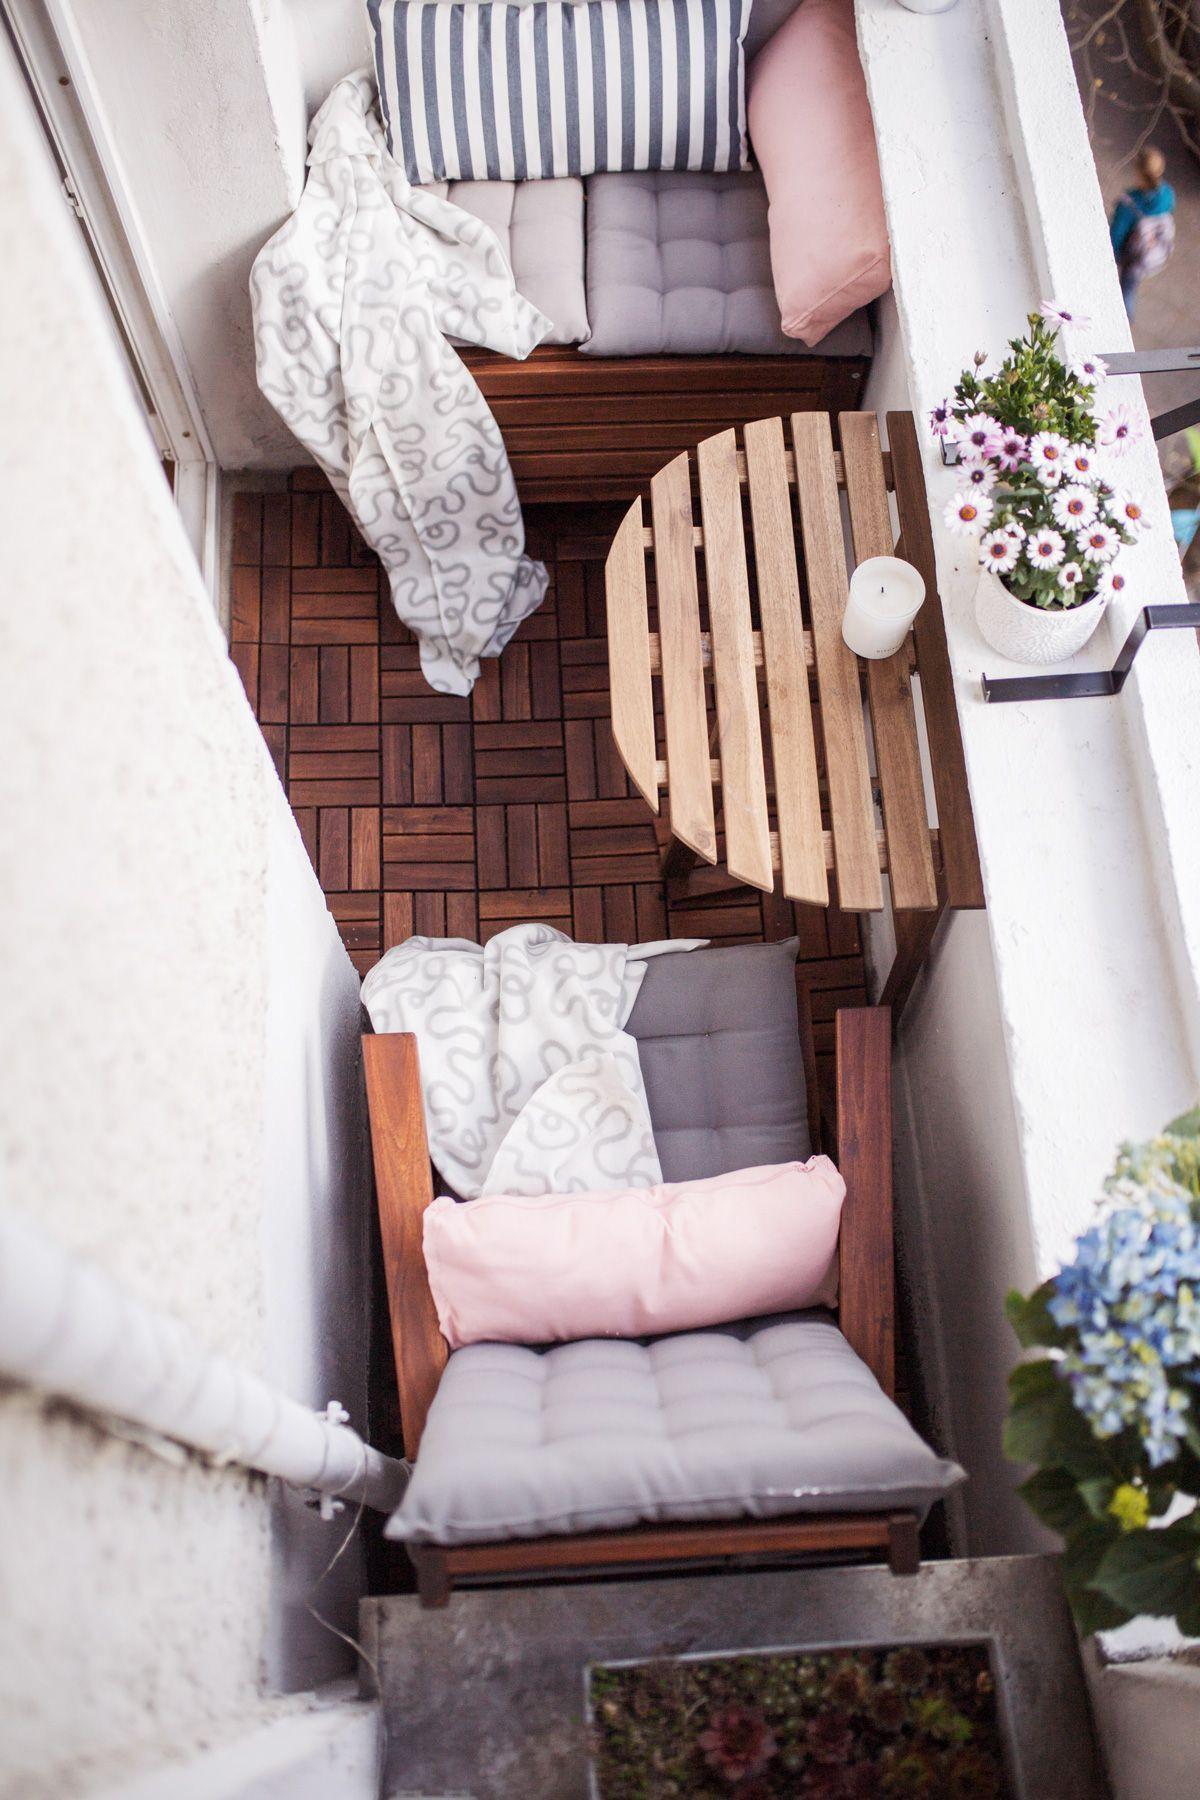 96c0d2c93daaba8d0d0eabcbbd462af4 Incroyable De Deco Pour Terrasse Schème